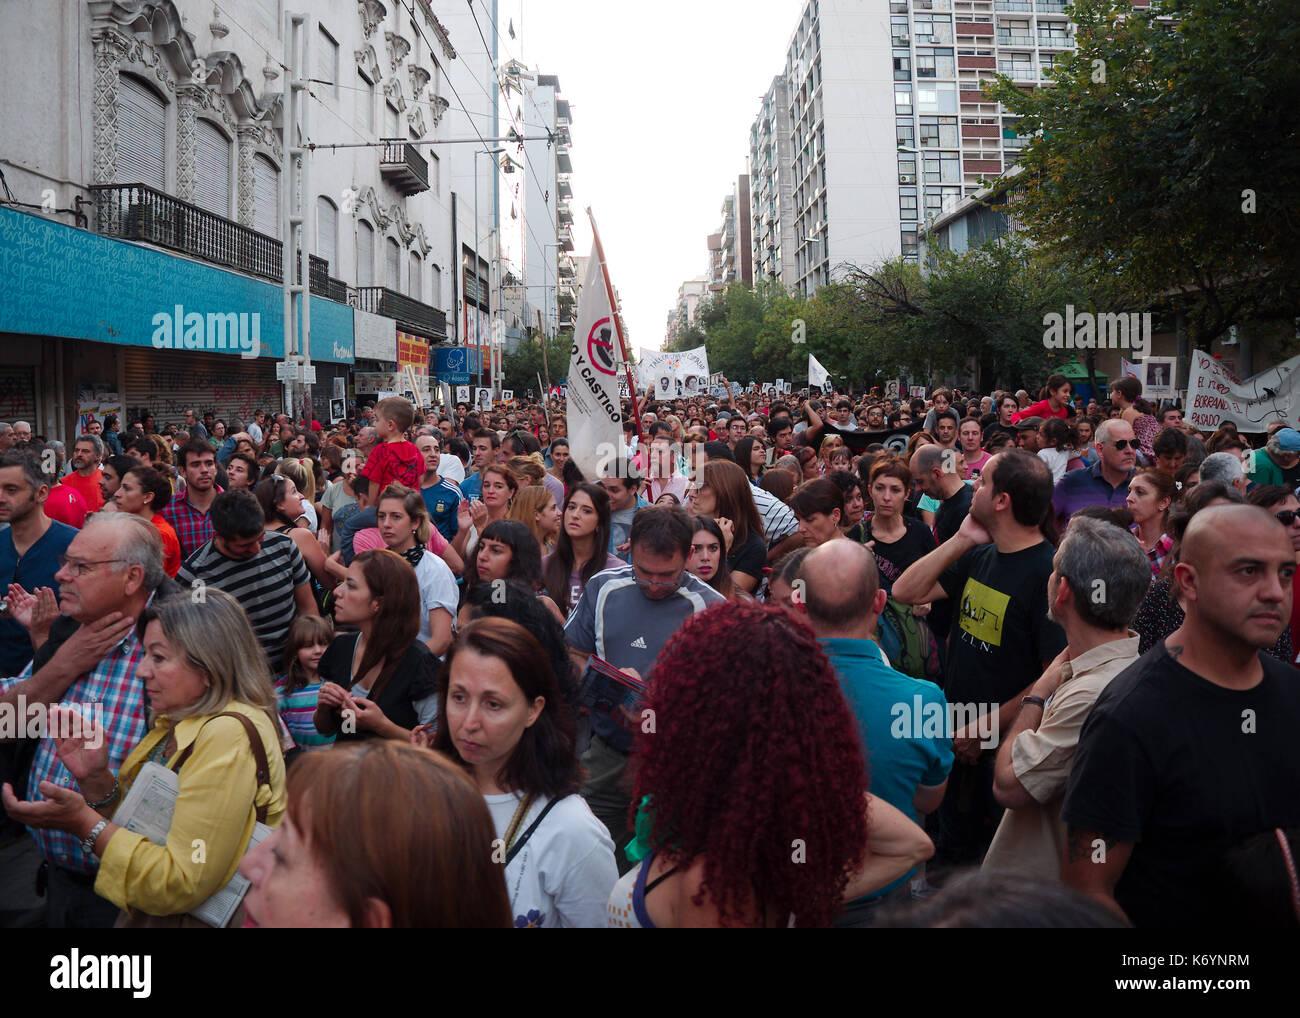 Cordoba, Argentina - March 24, 2016: Demonstrations on the Day of Remembrance for Truth and Justice (Día de la Memoria por la Verdad y la Justicia). - Stock Image